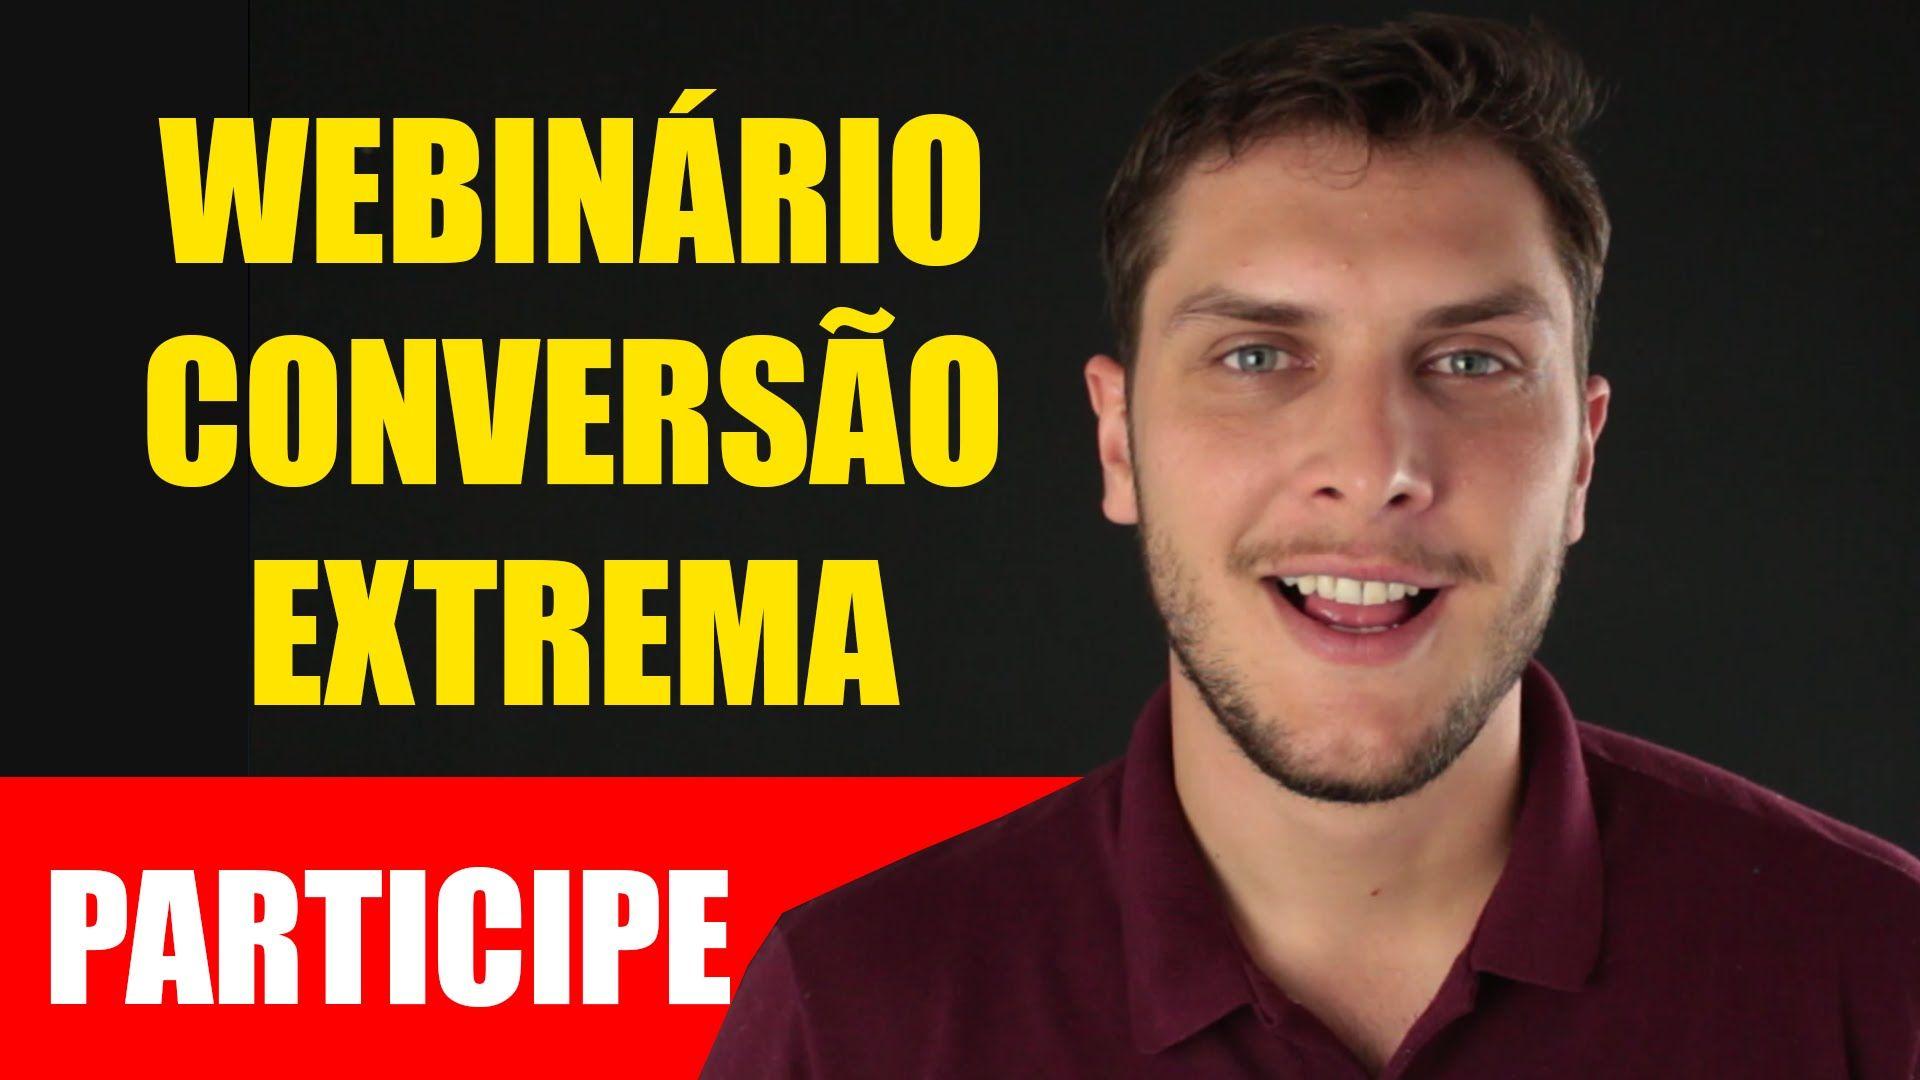 Webinário Conversão Extrema com Tiago Tessmann 15/08 às 20h